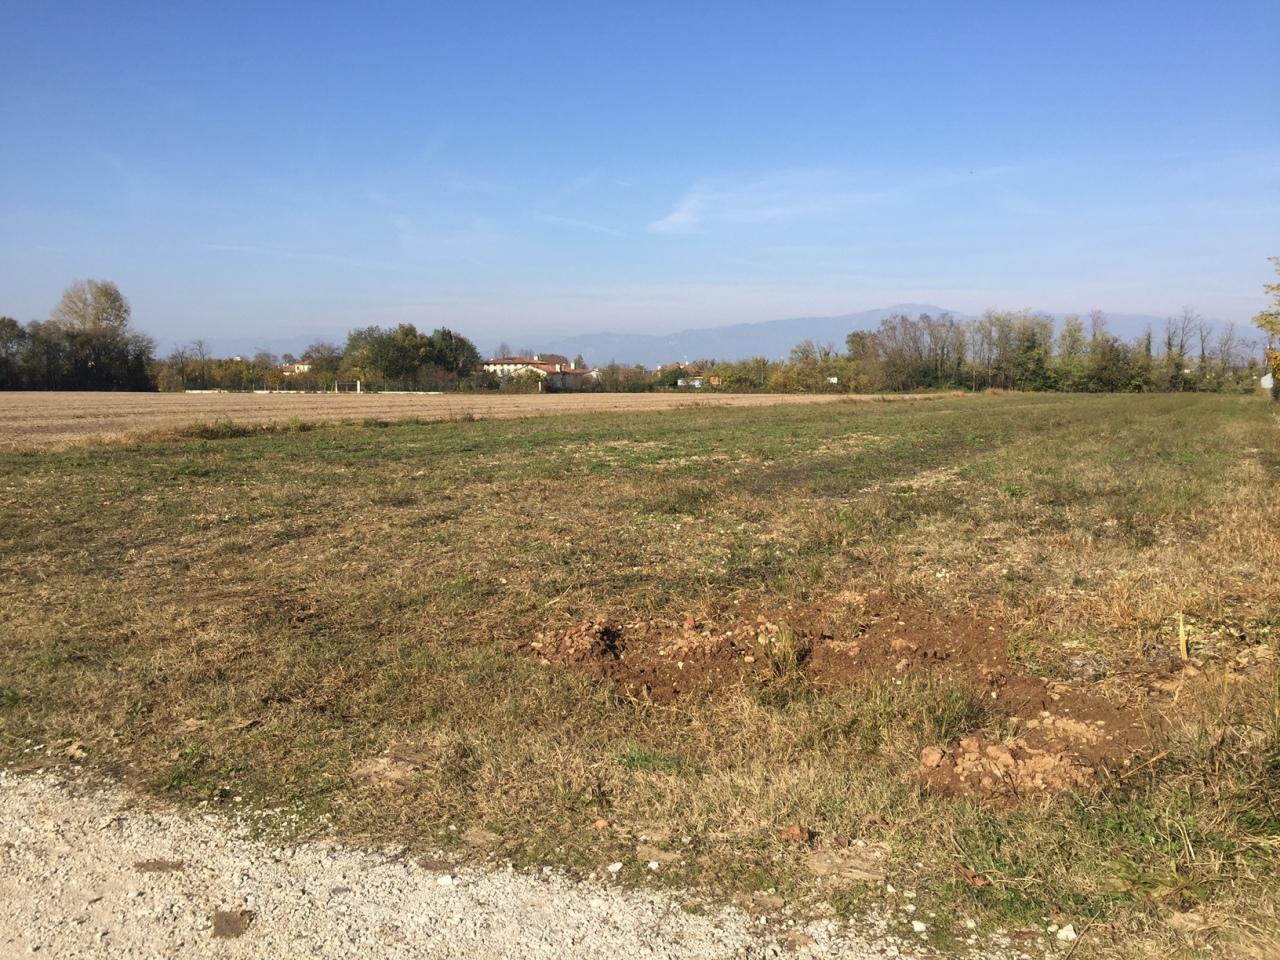 Terreno Edificabile Residenziale in vendita a Castelfranco Veneto, 1 locali, prezzo € 90.000 | CambioCasa.it